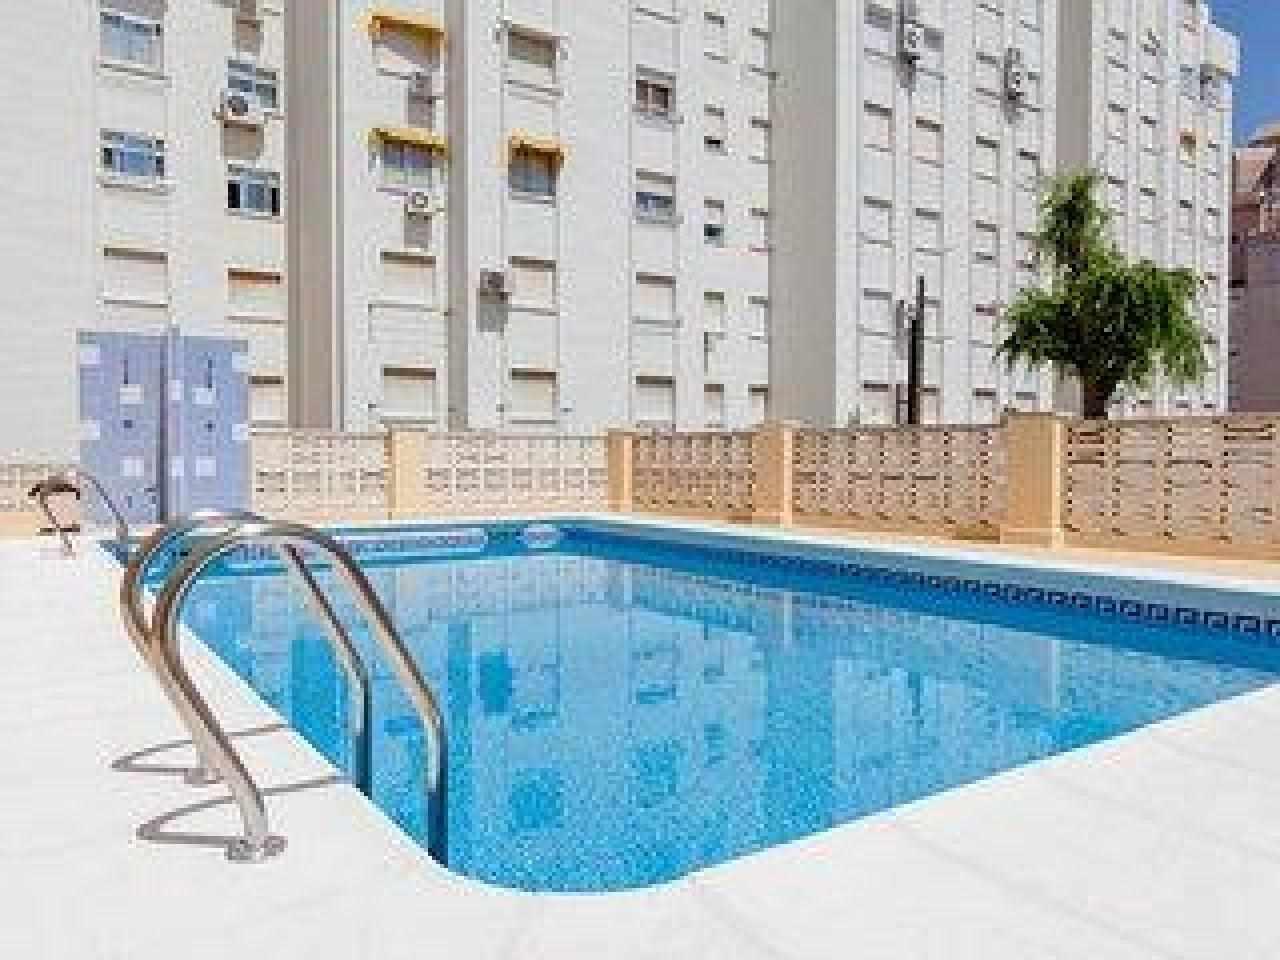 Alquiler habitación Grau i Platja, Valencia